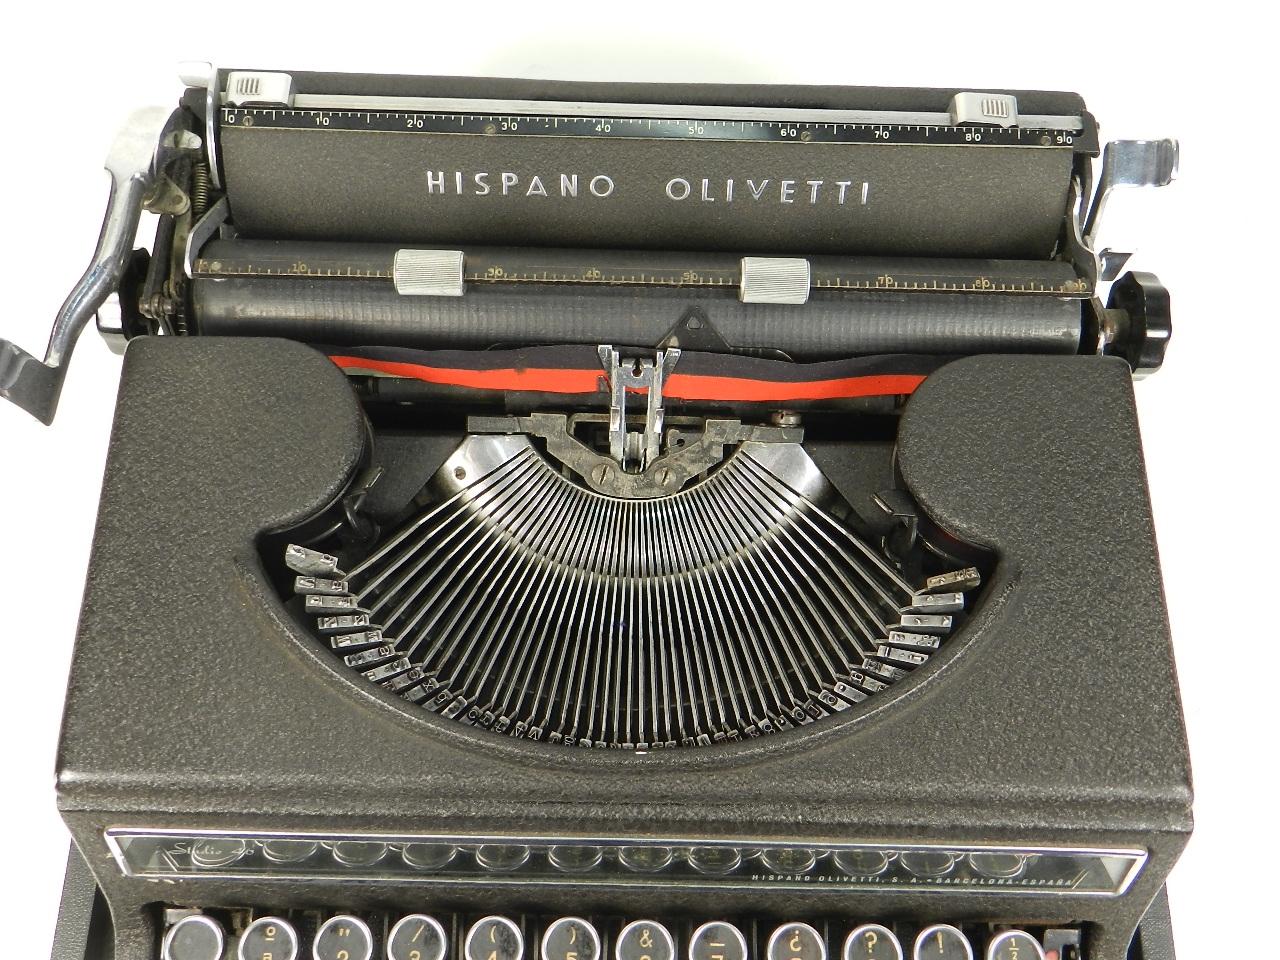 Imagen HISPANO OLIVETTI STUDIO 46 28634